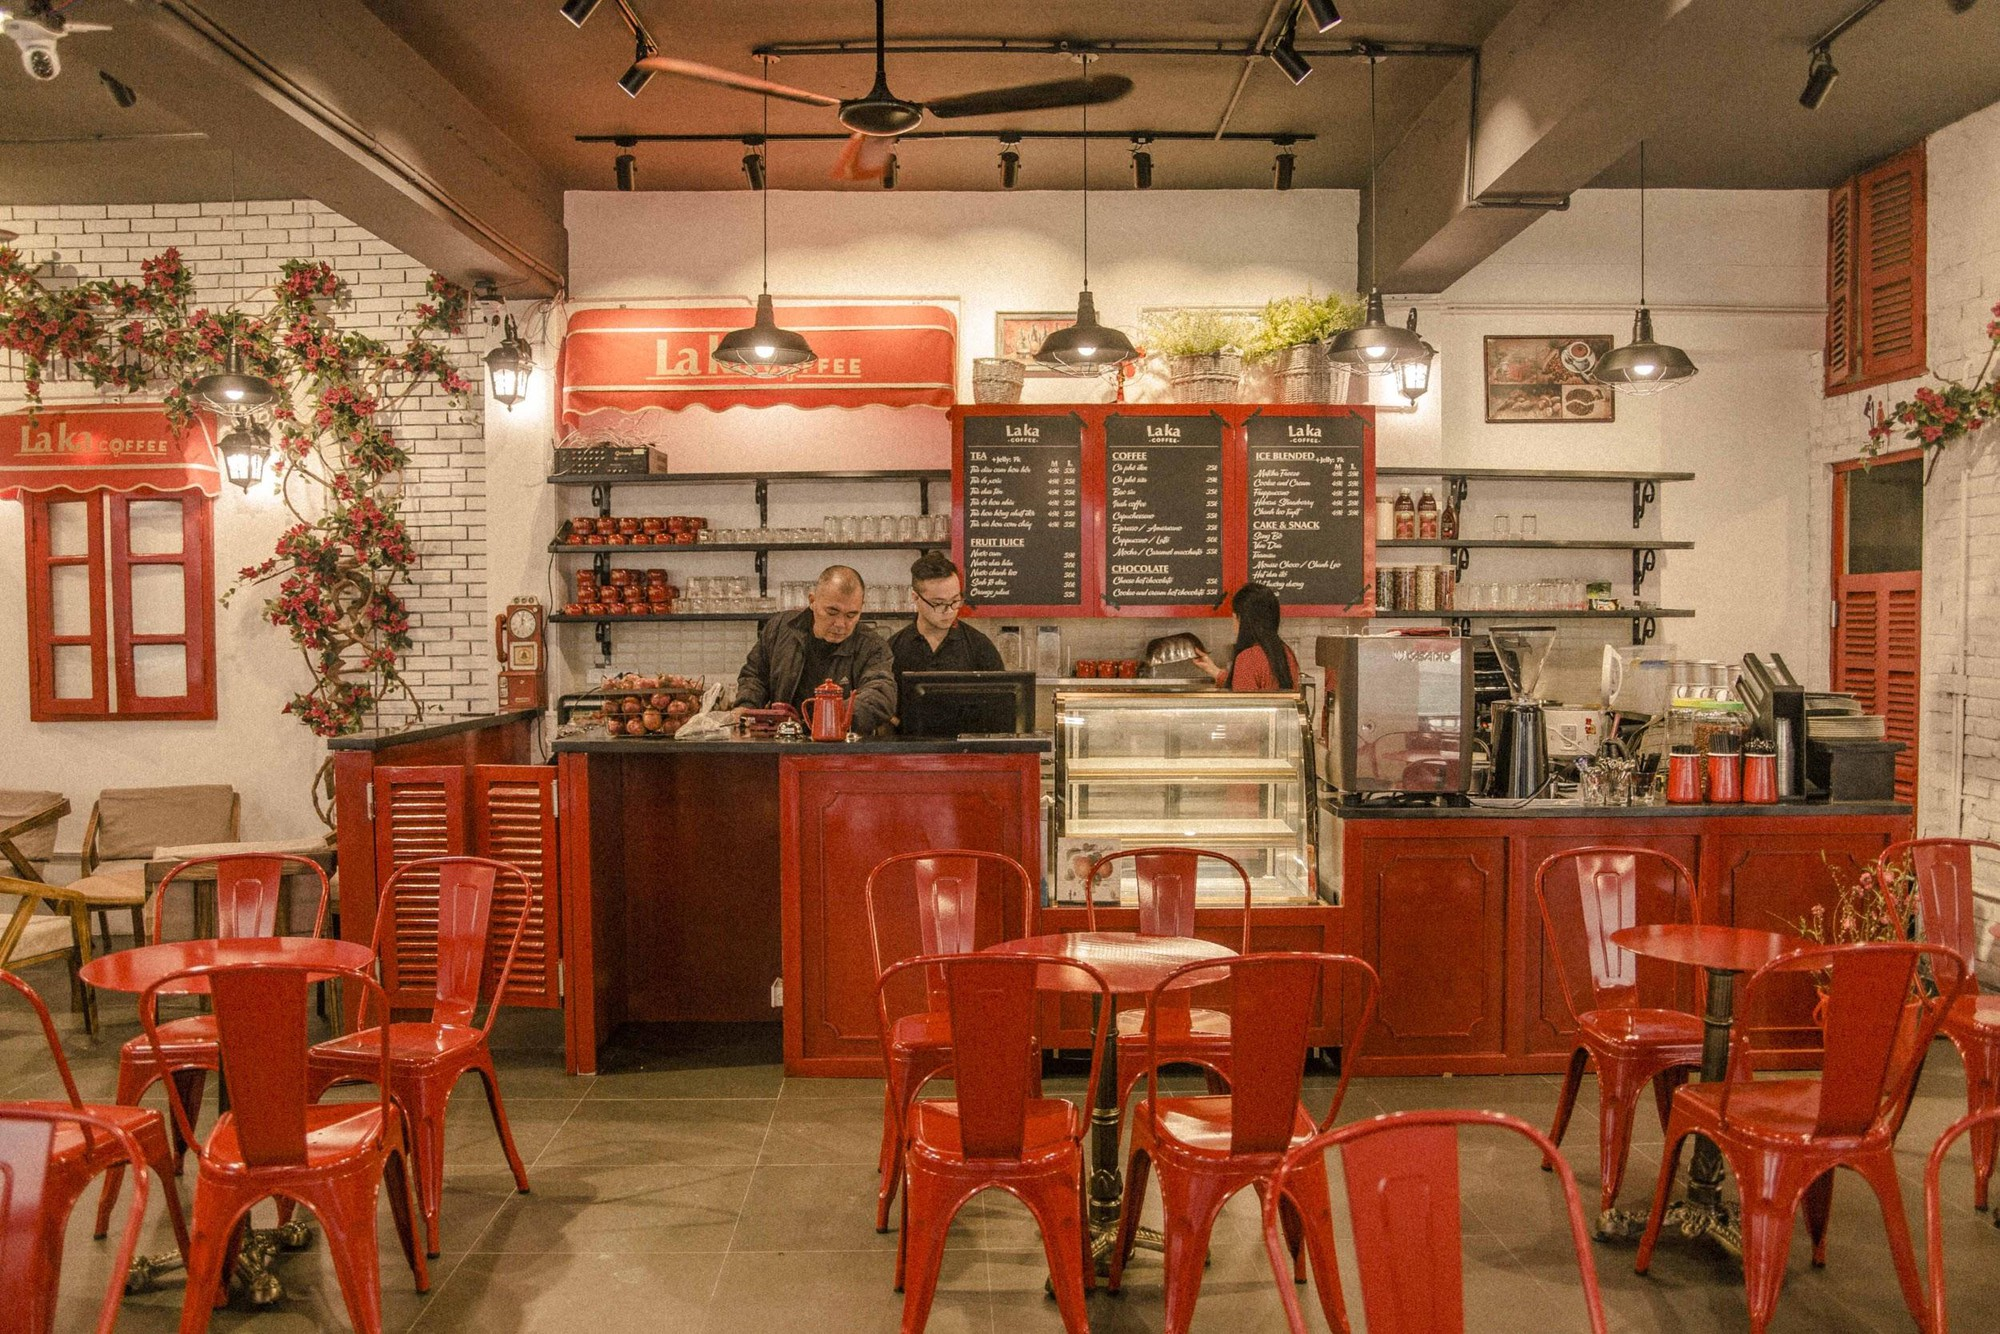 Quán cà phê đỏ rực như Paris tại Hà Nội mà bạn nhất định phải check-in dịp Tết này - Ảnh 2.